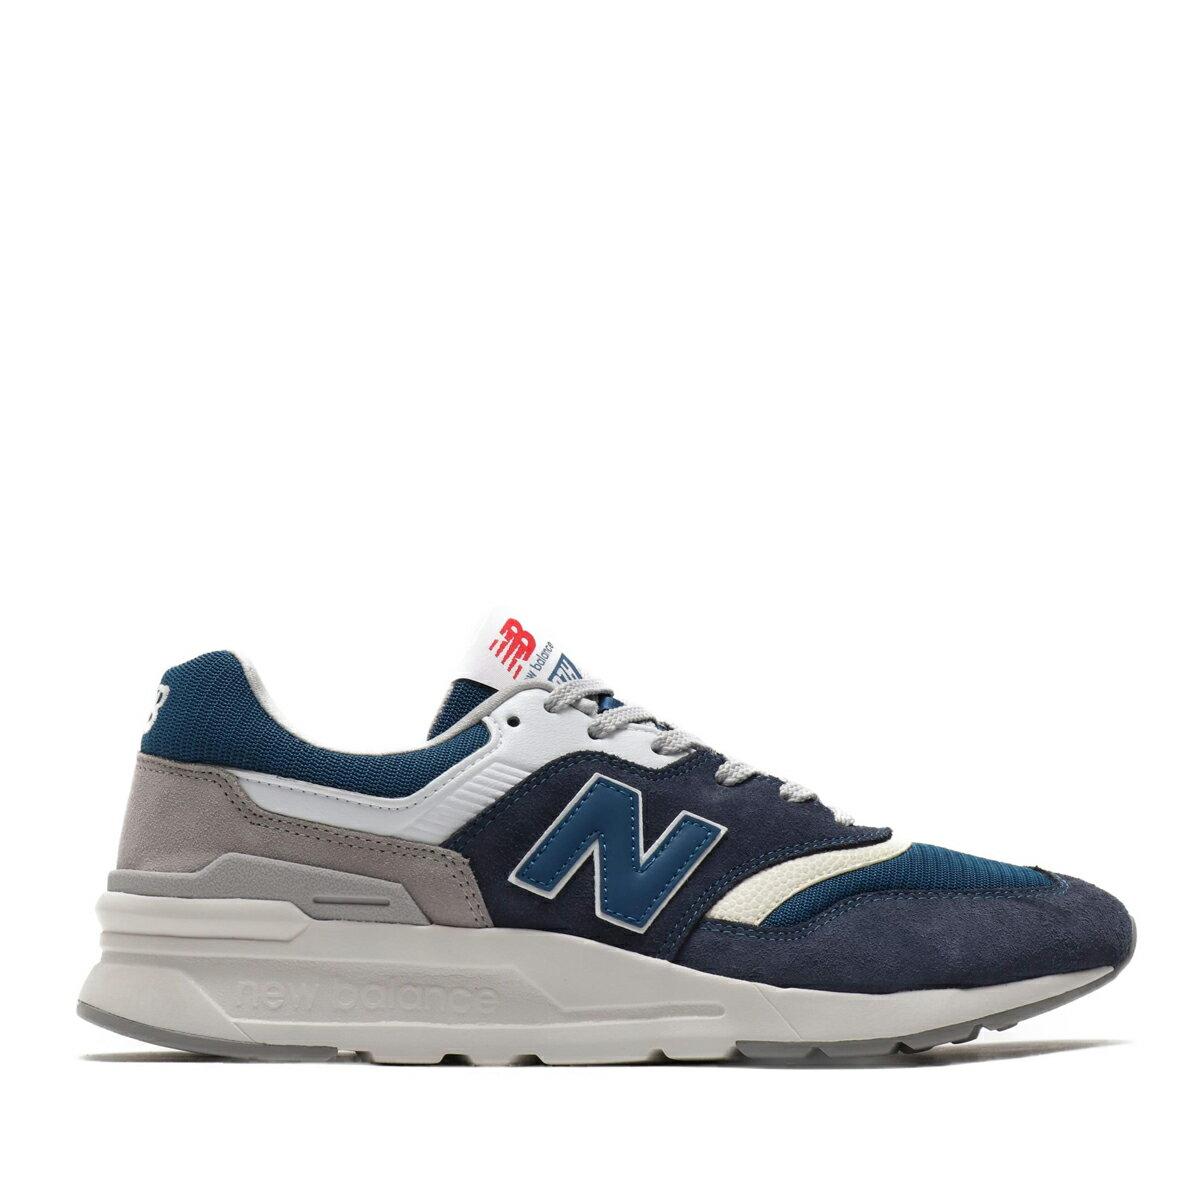 メンズ靴, スニーカー New Balance CM997HDQ(NAVY)( CM997HDQ)19FW-I